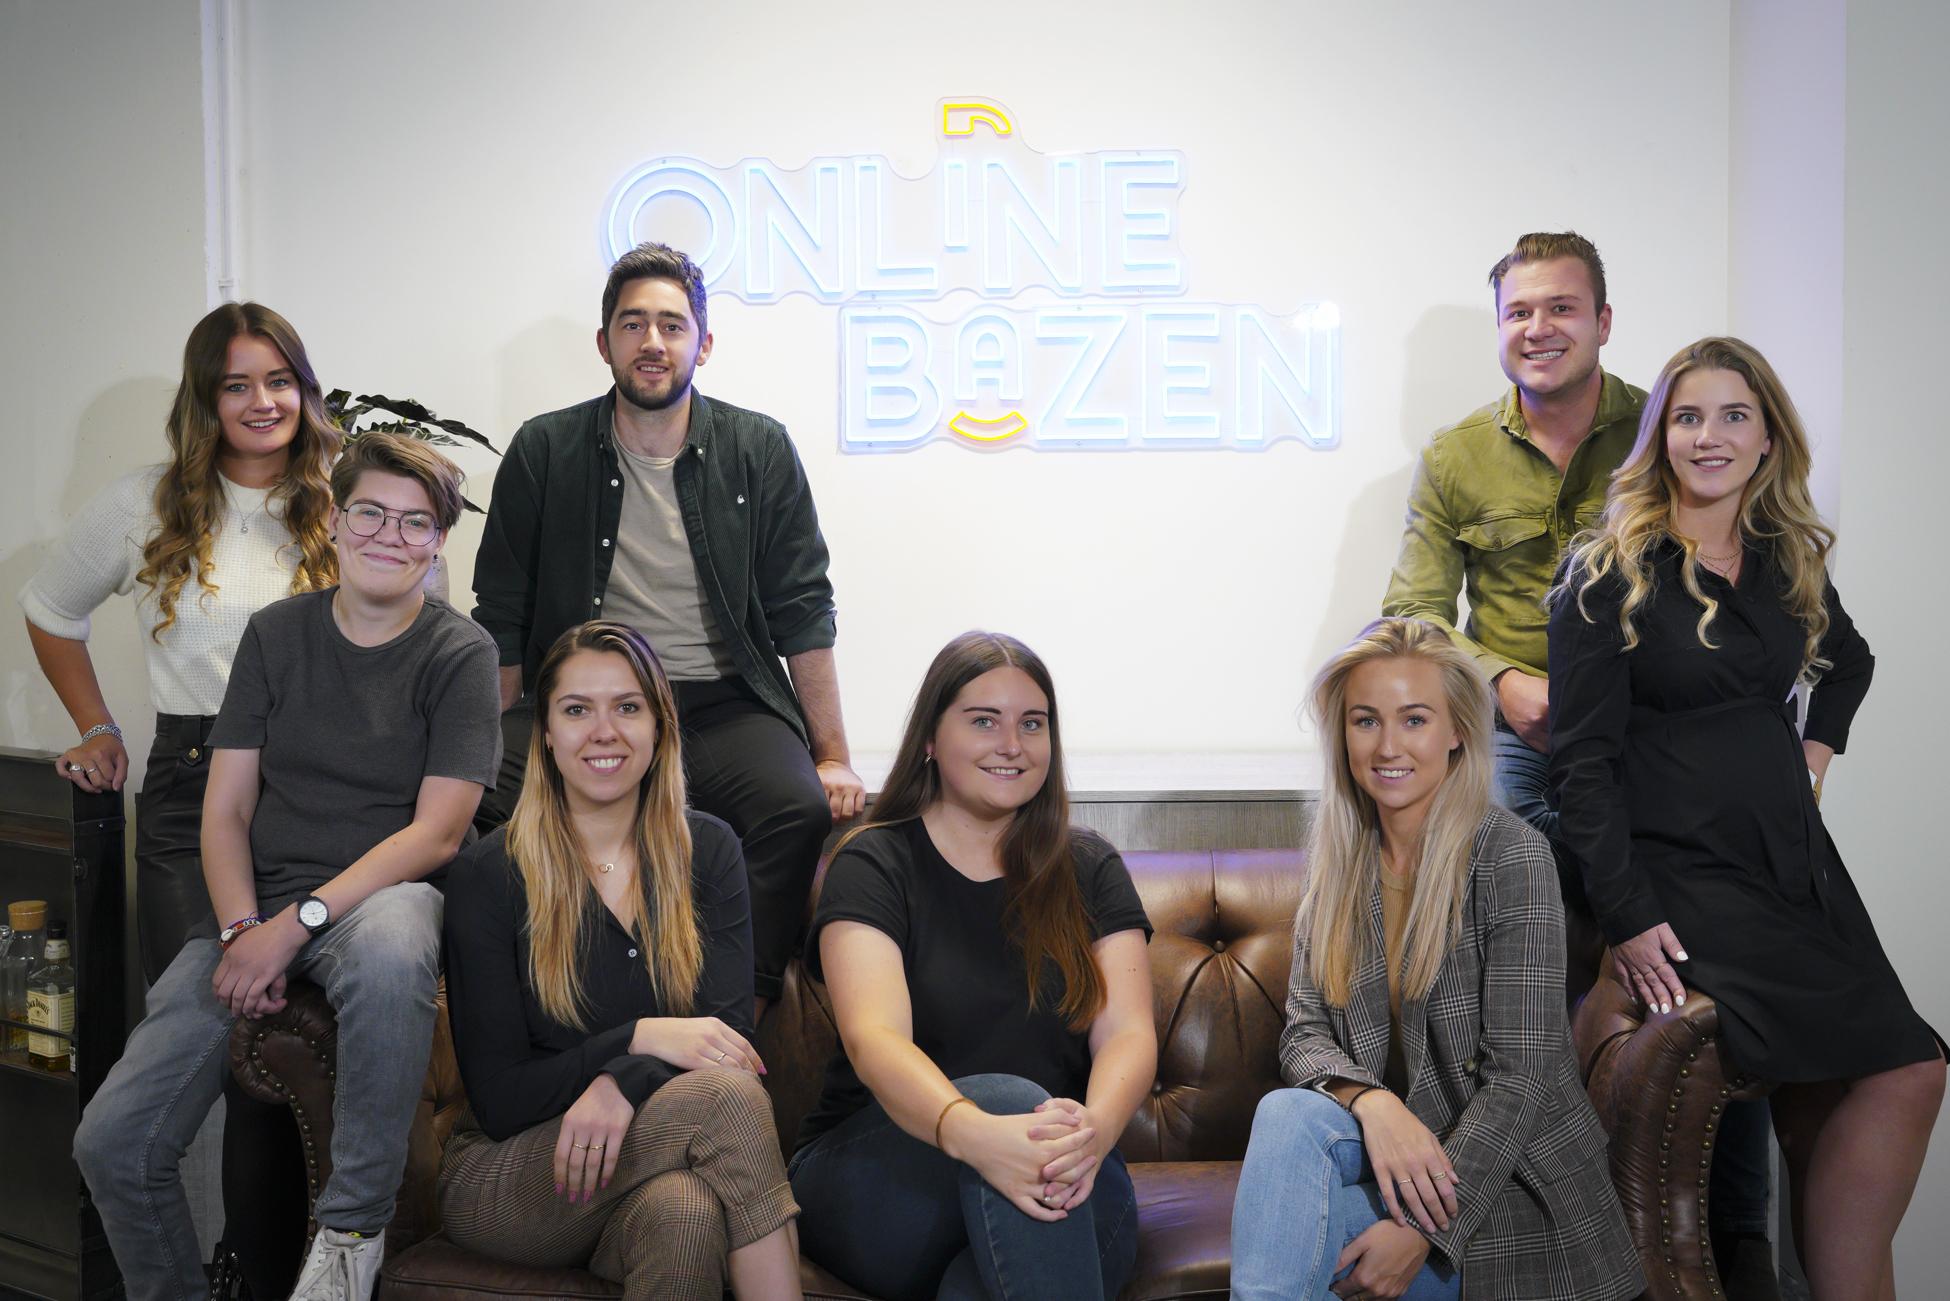 Online Bazen team